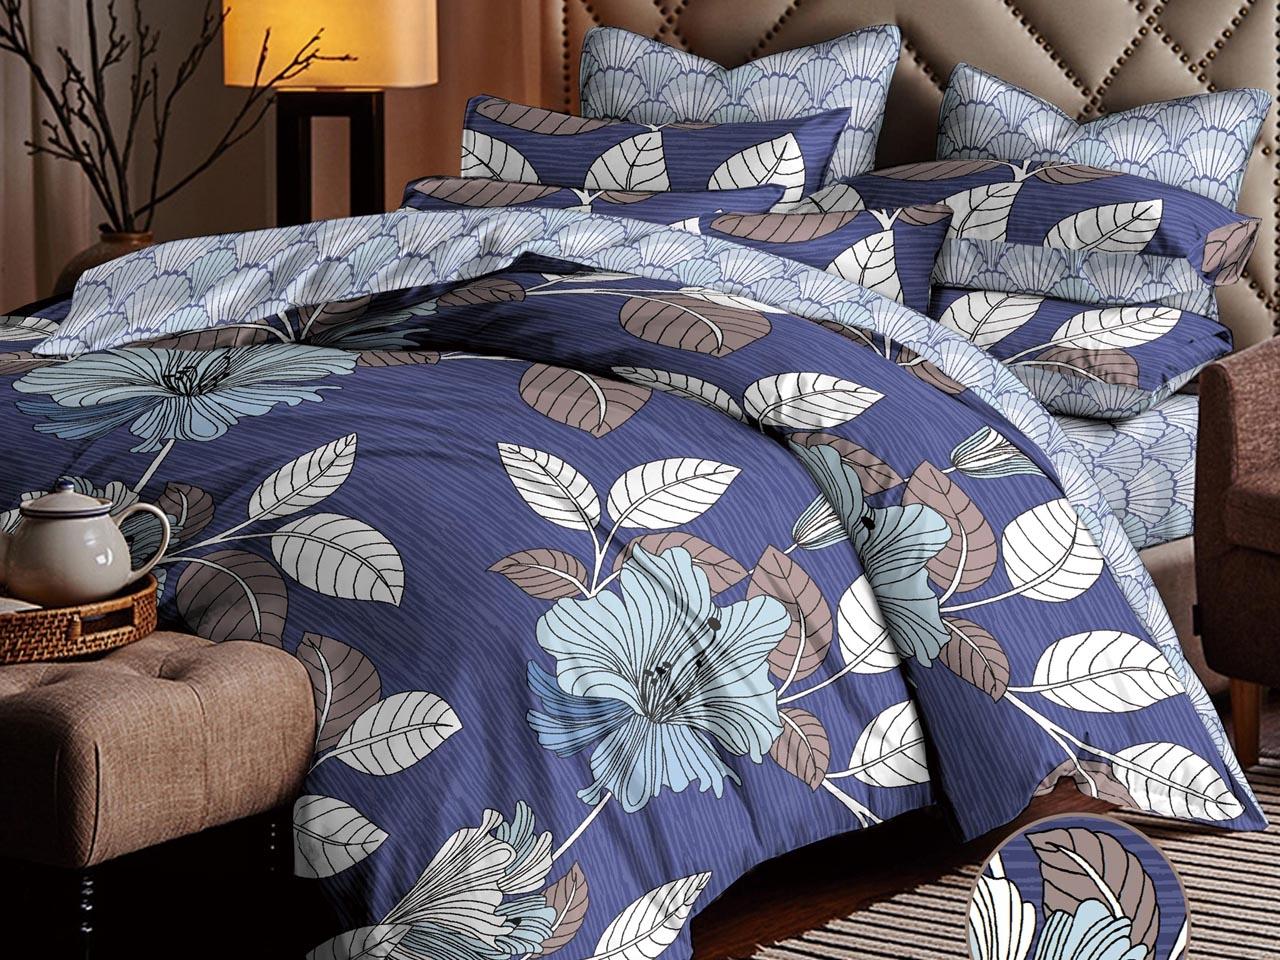 Постельное белье из ранфорса | текстильпрофи - полезные материалы о домашнем текстиле